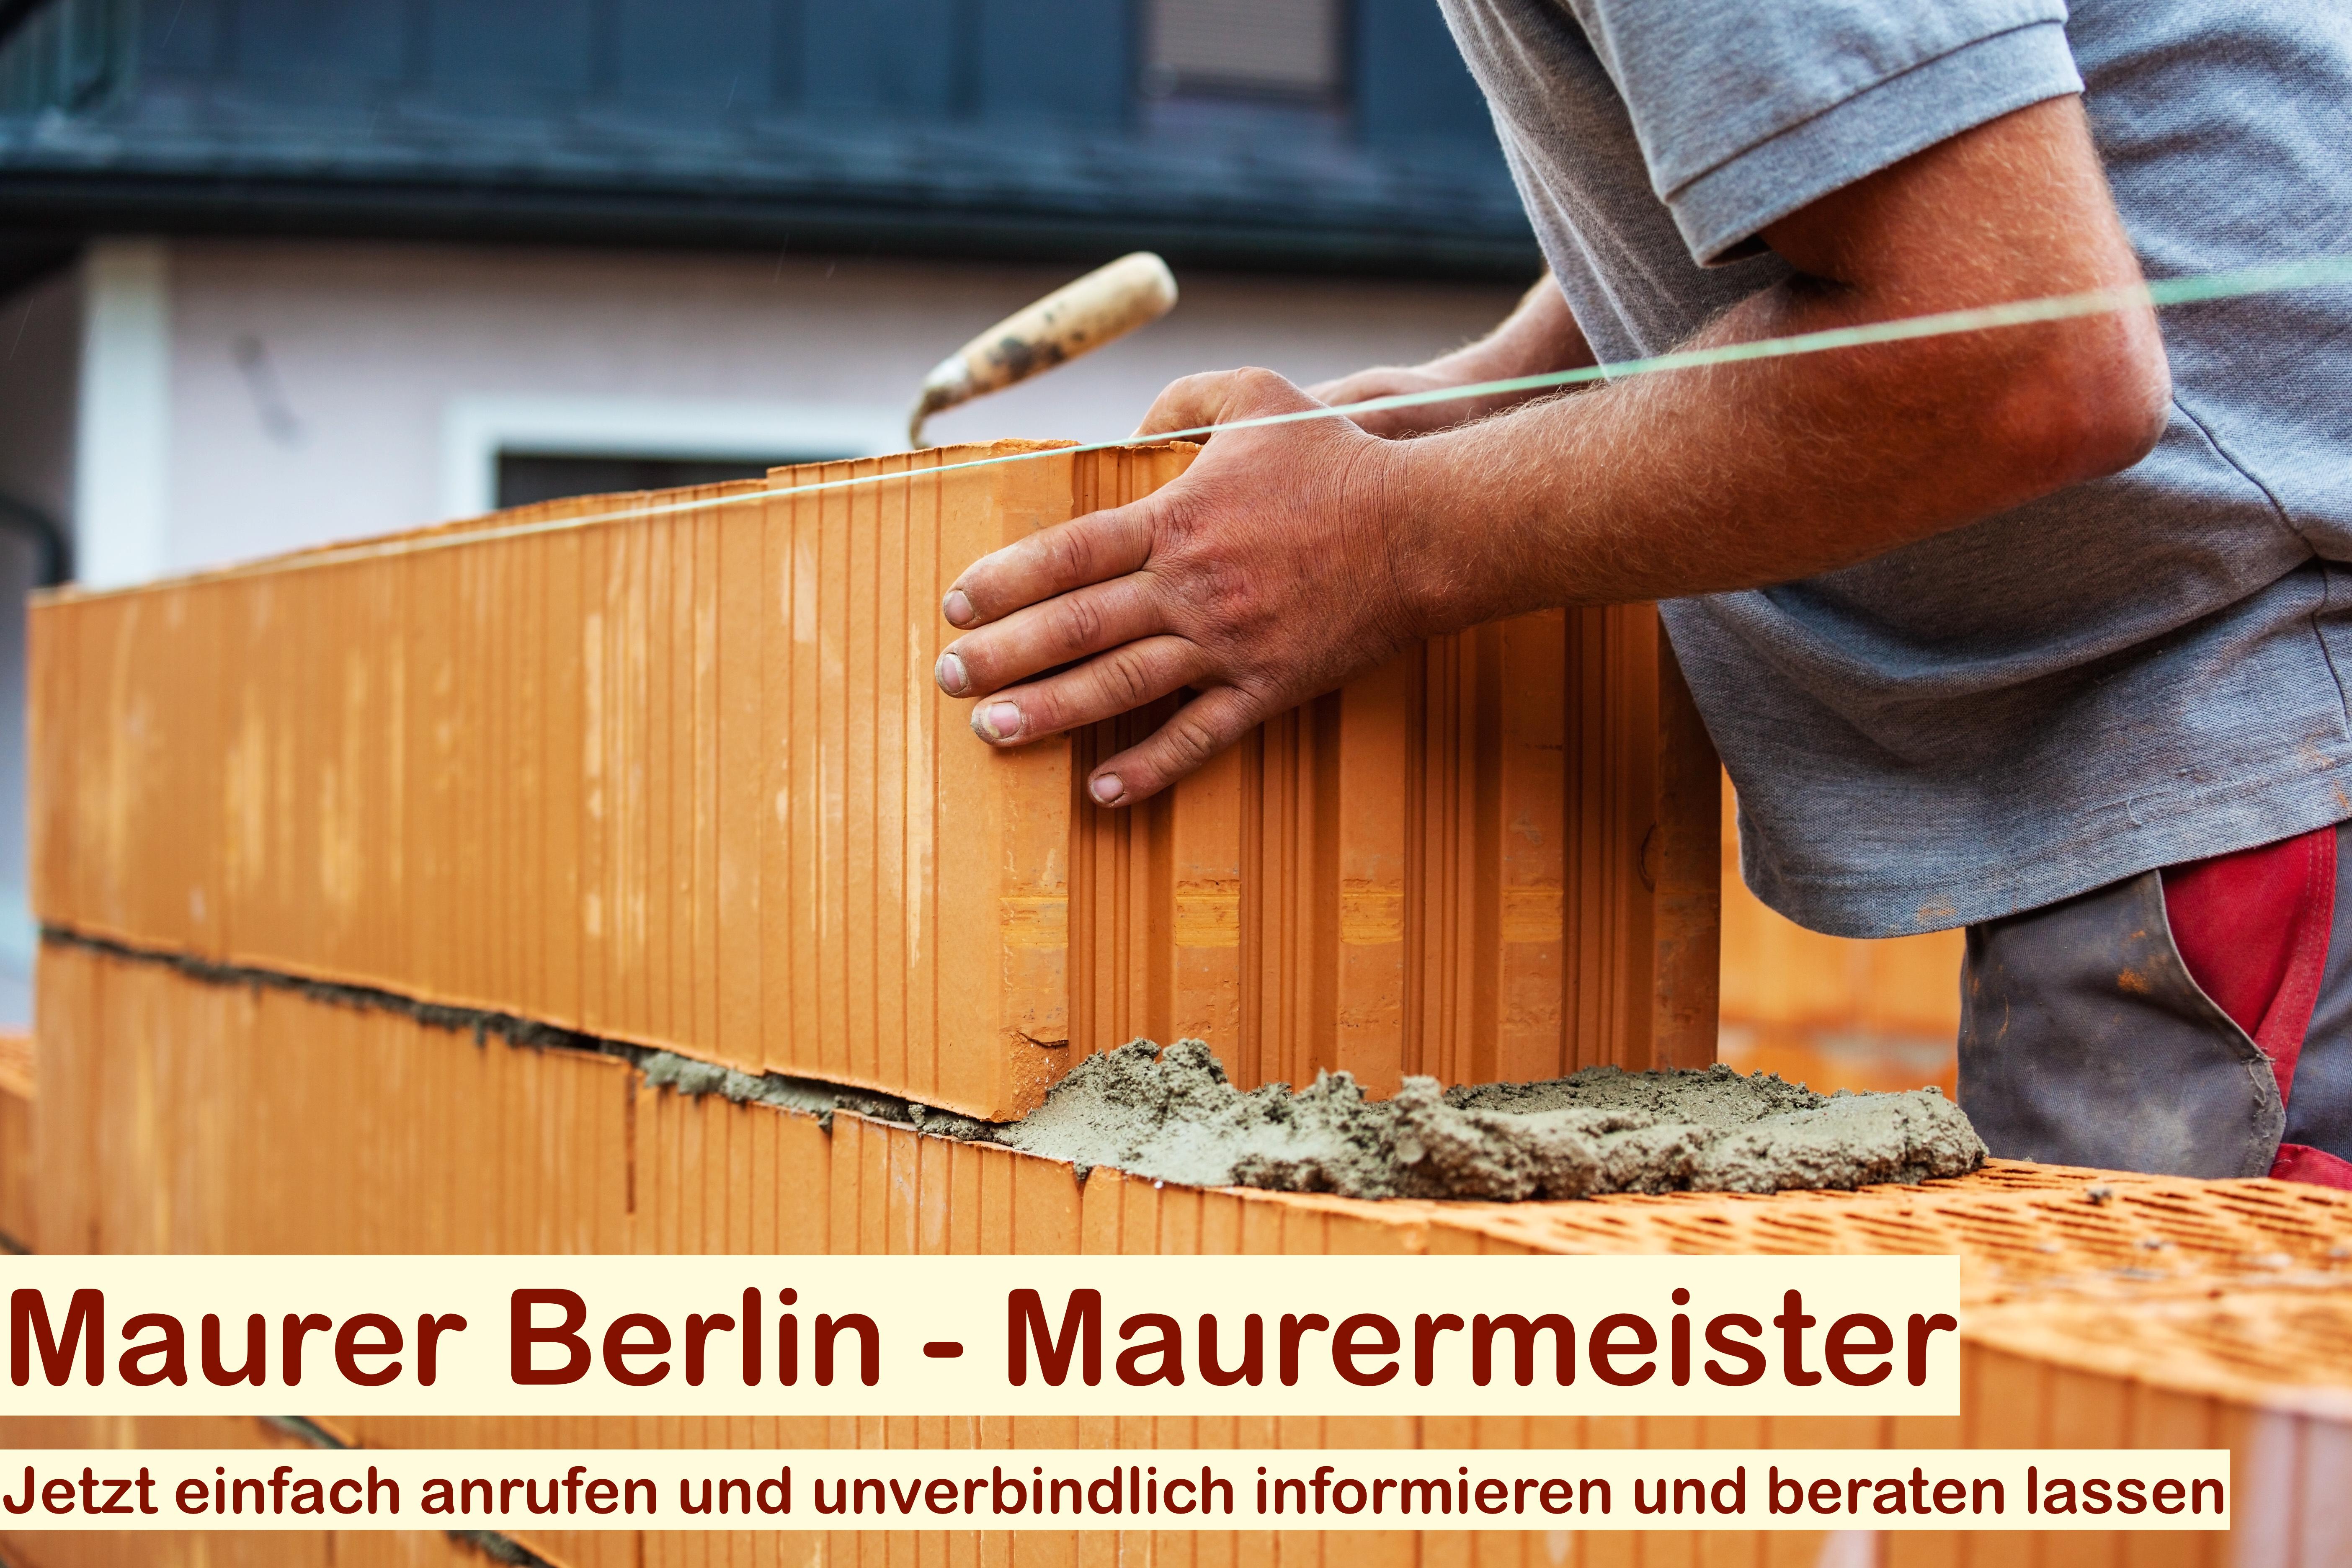 Mauerwerksbau Berlin